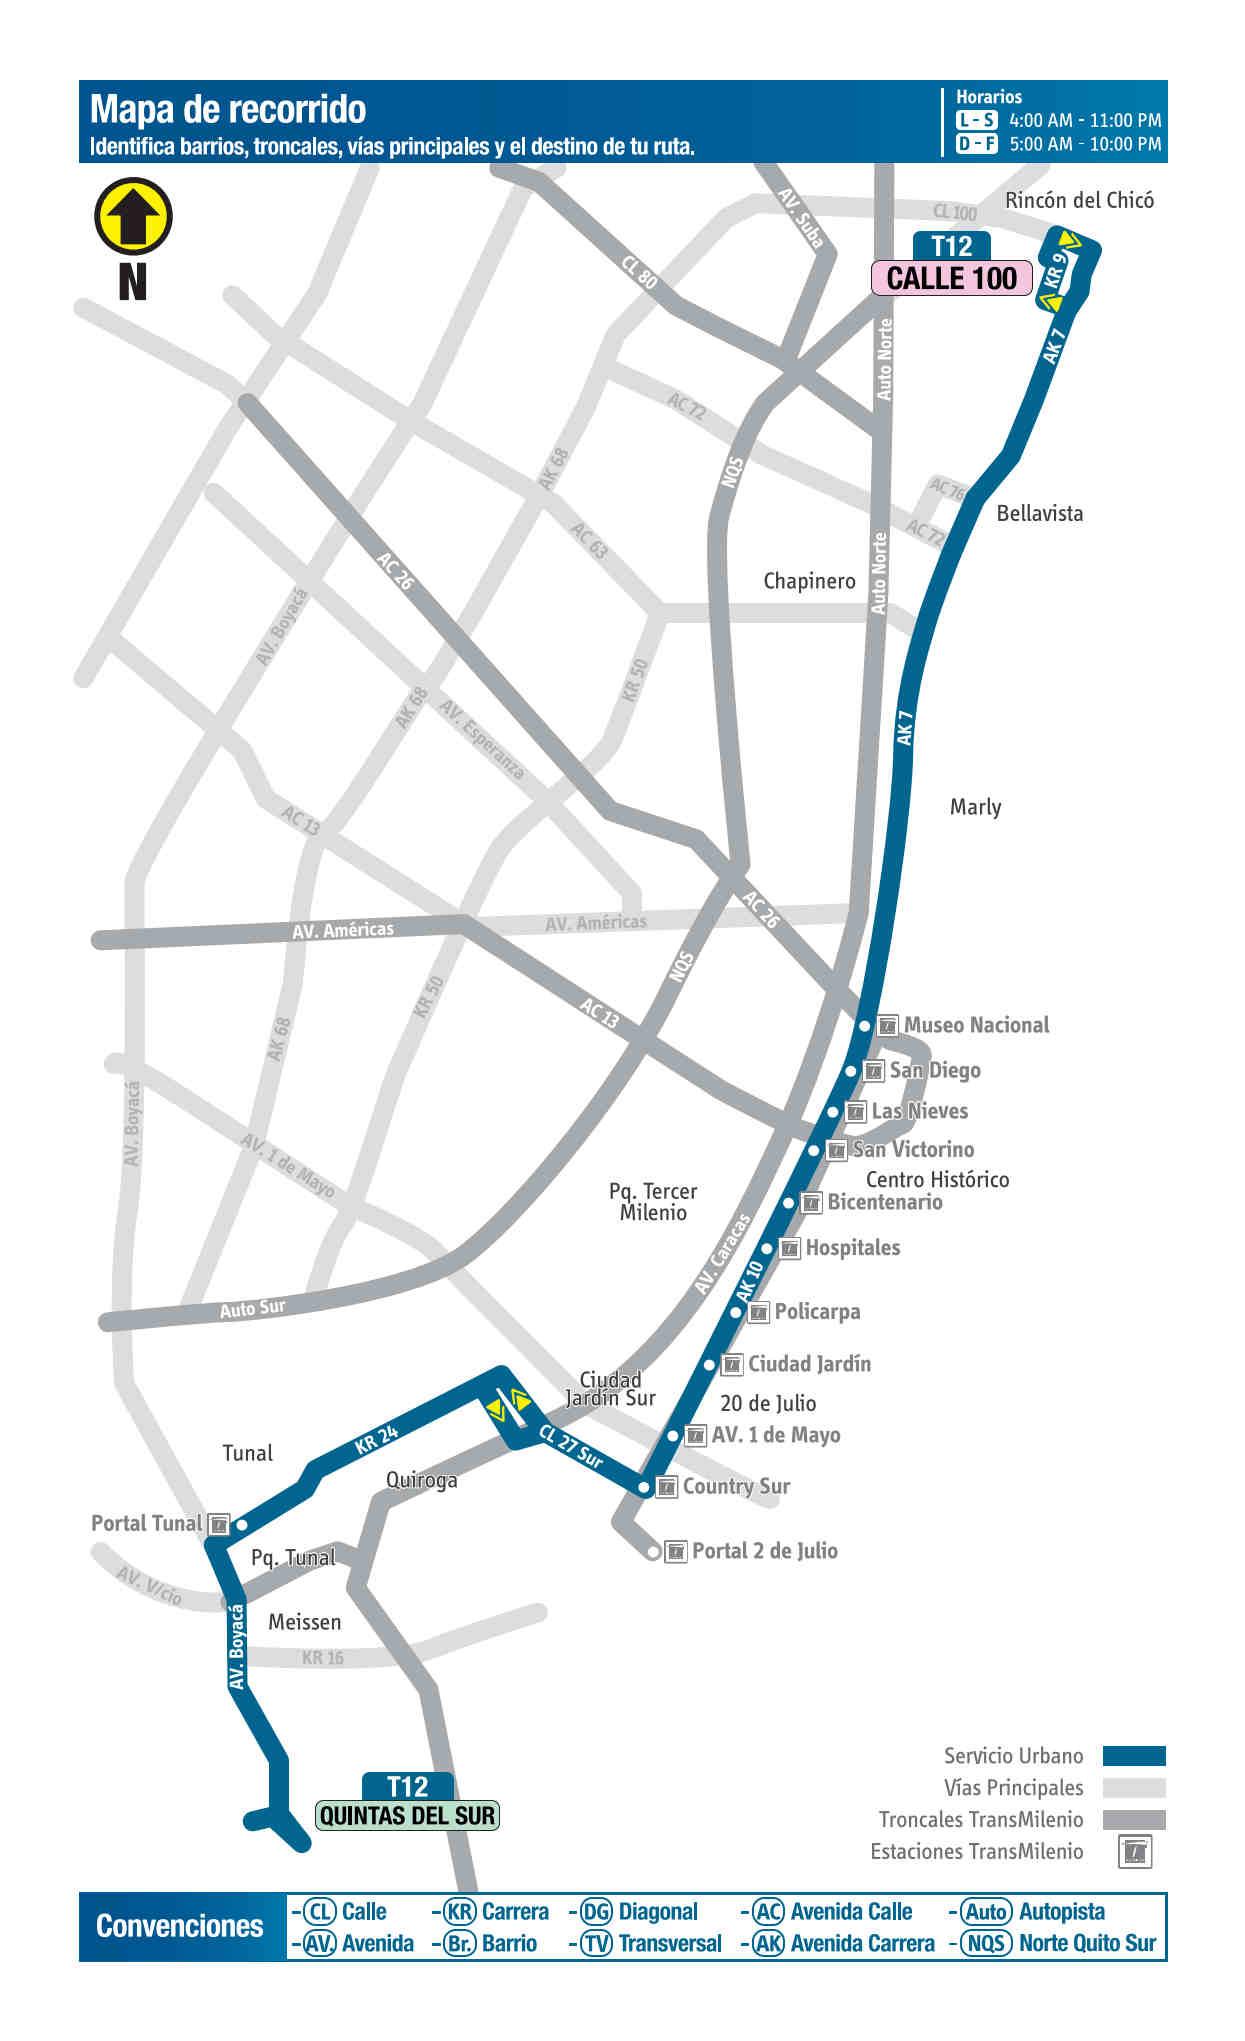 T12 Quintas del Sur - Calle 100, mapa bus urbano Bogotá